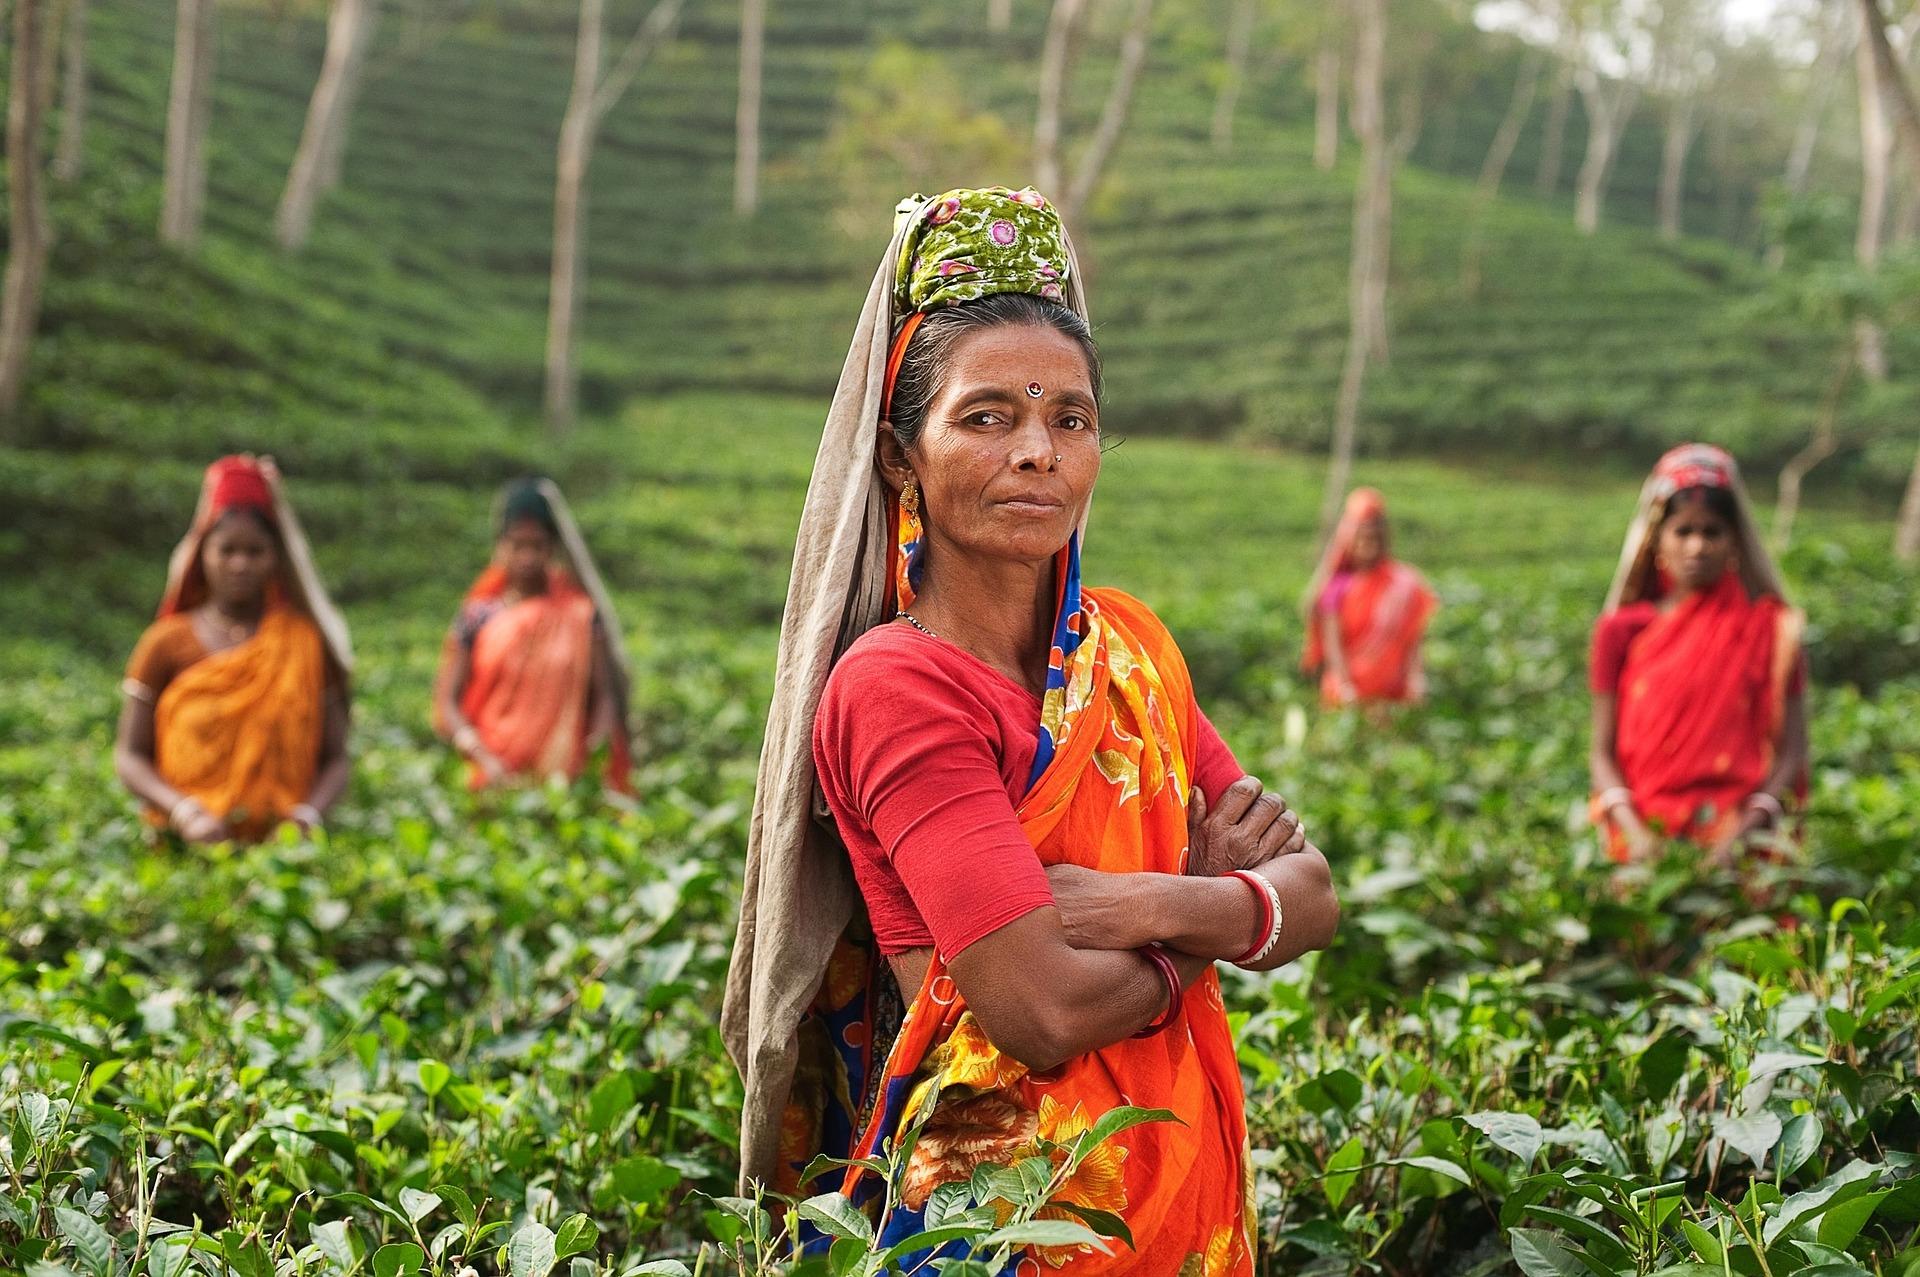 インド人女性の画像